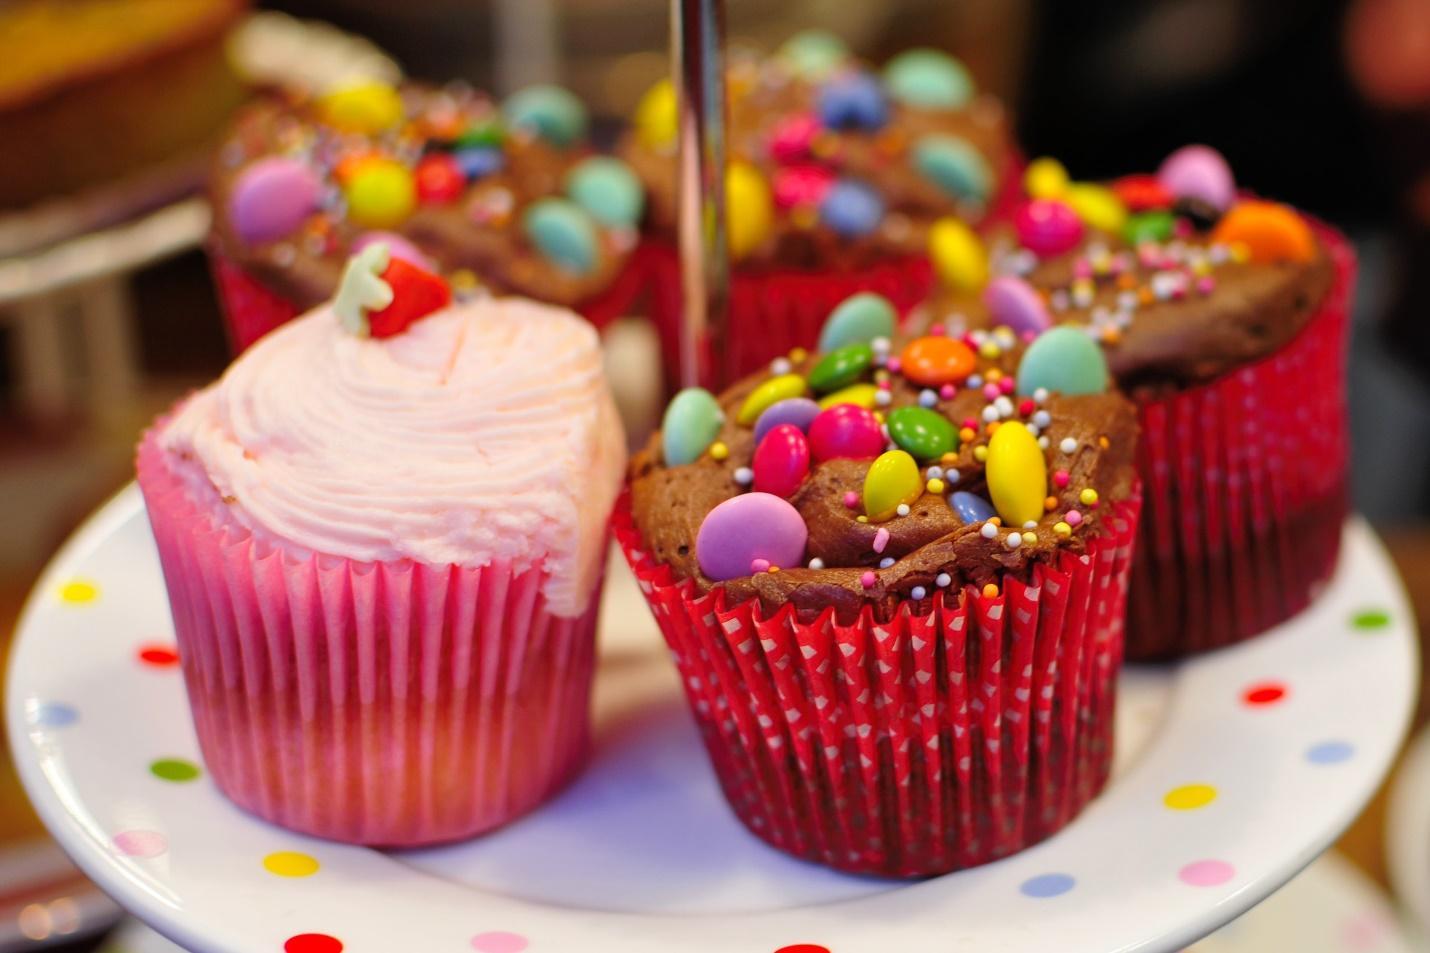 Low carb diet - avoid sugar